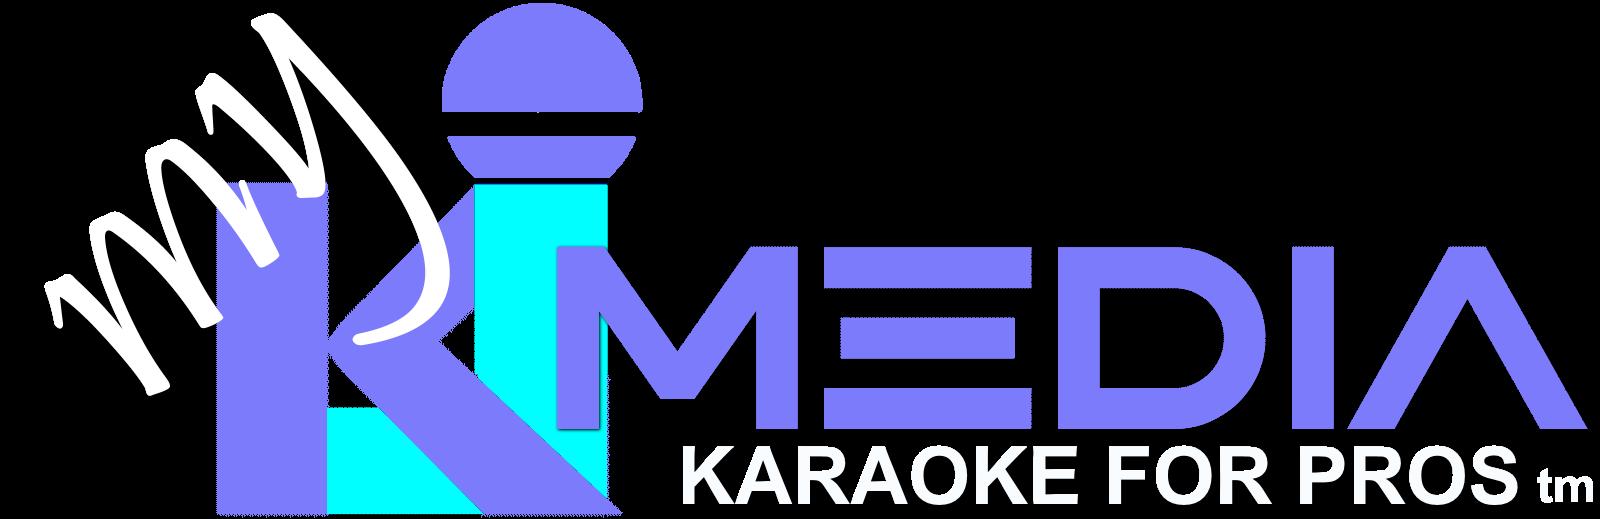 MyKJMedia - Karaoke For PROS!